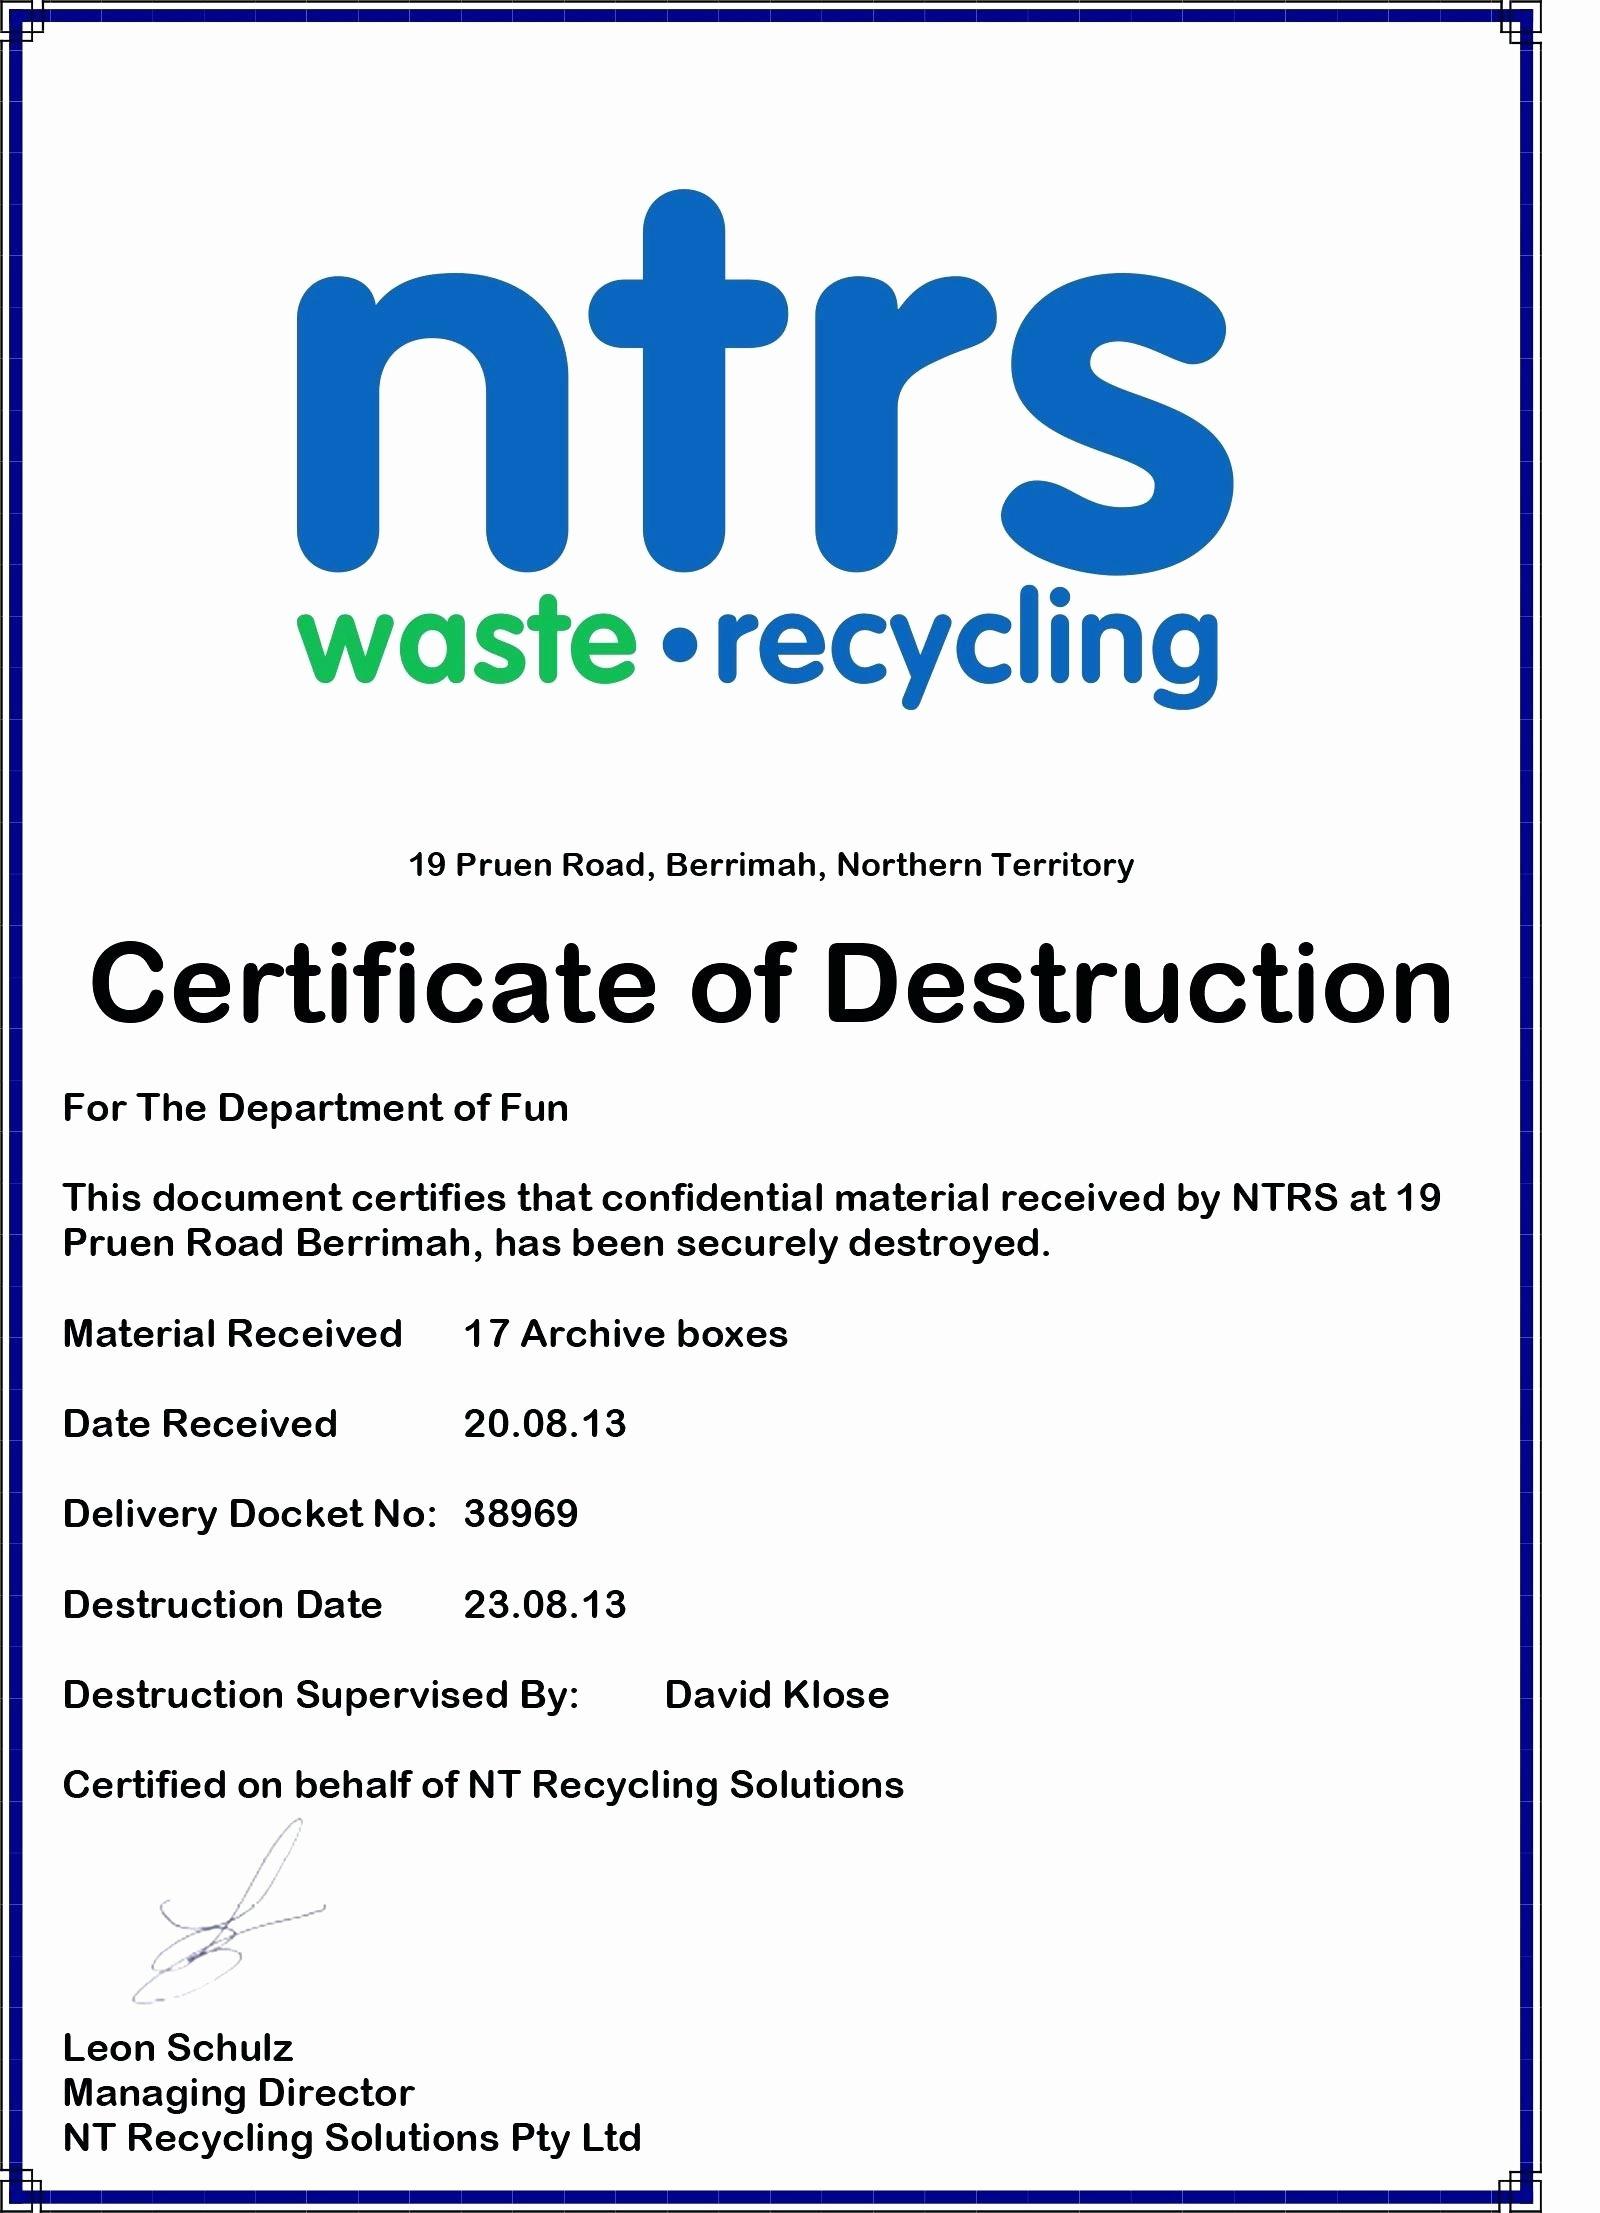 Hard Drive Destruction Certificate Template Beautiful Hard Drive Certificate Destruction Template Certificate